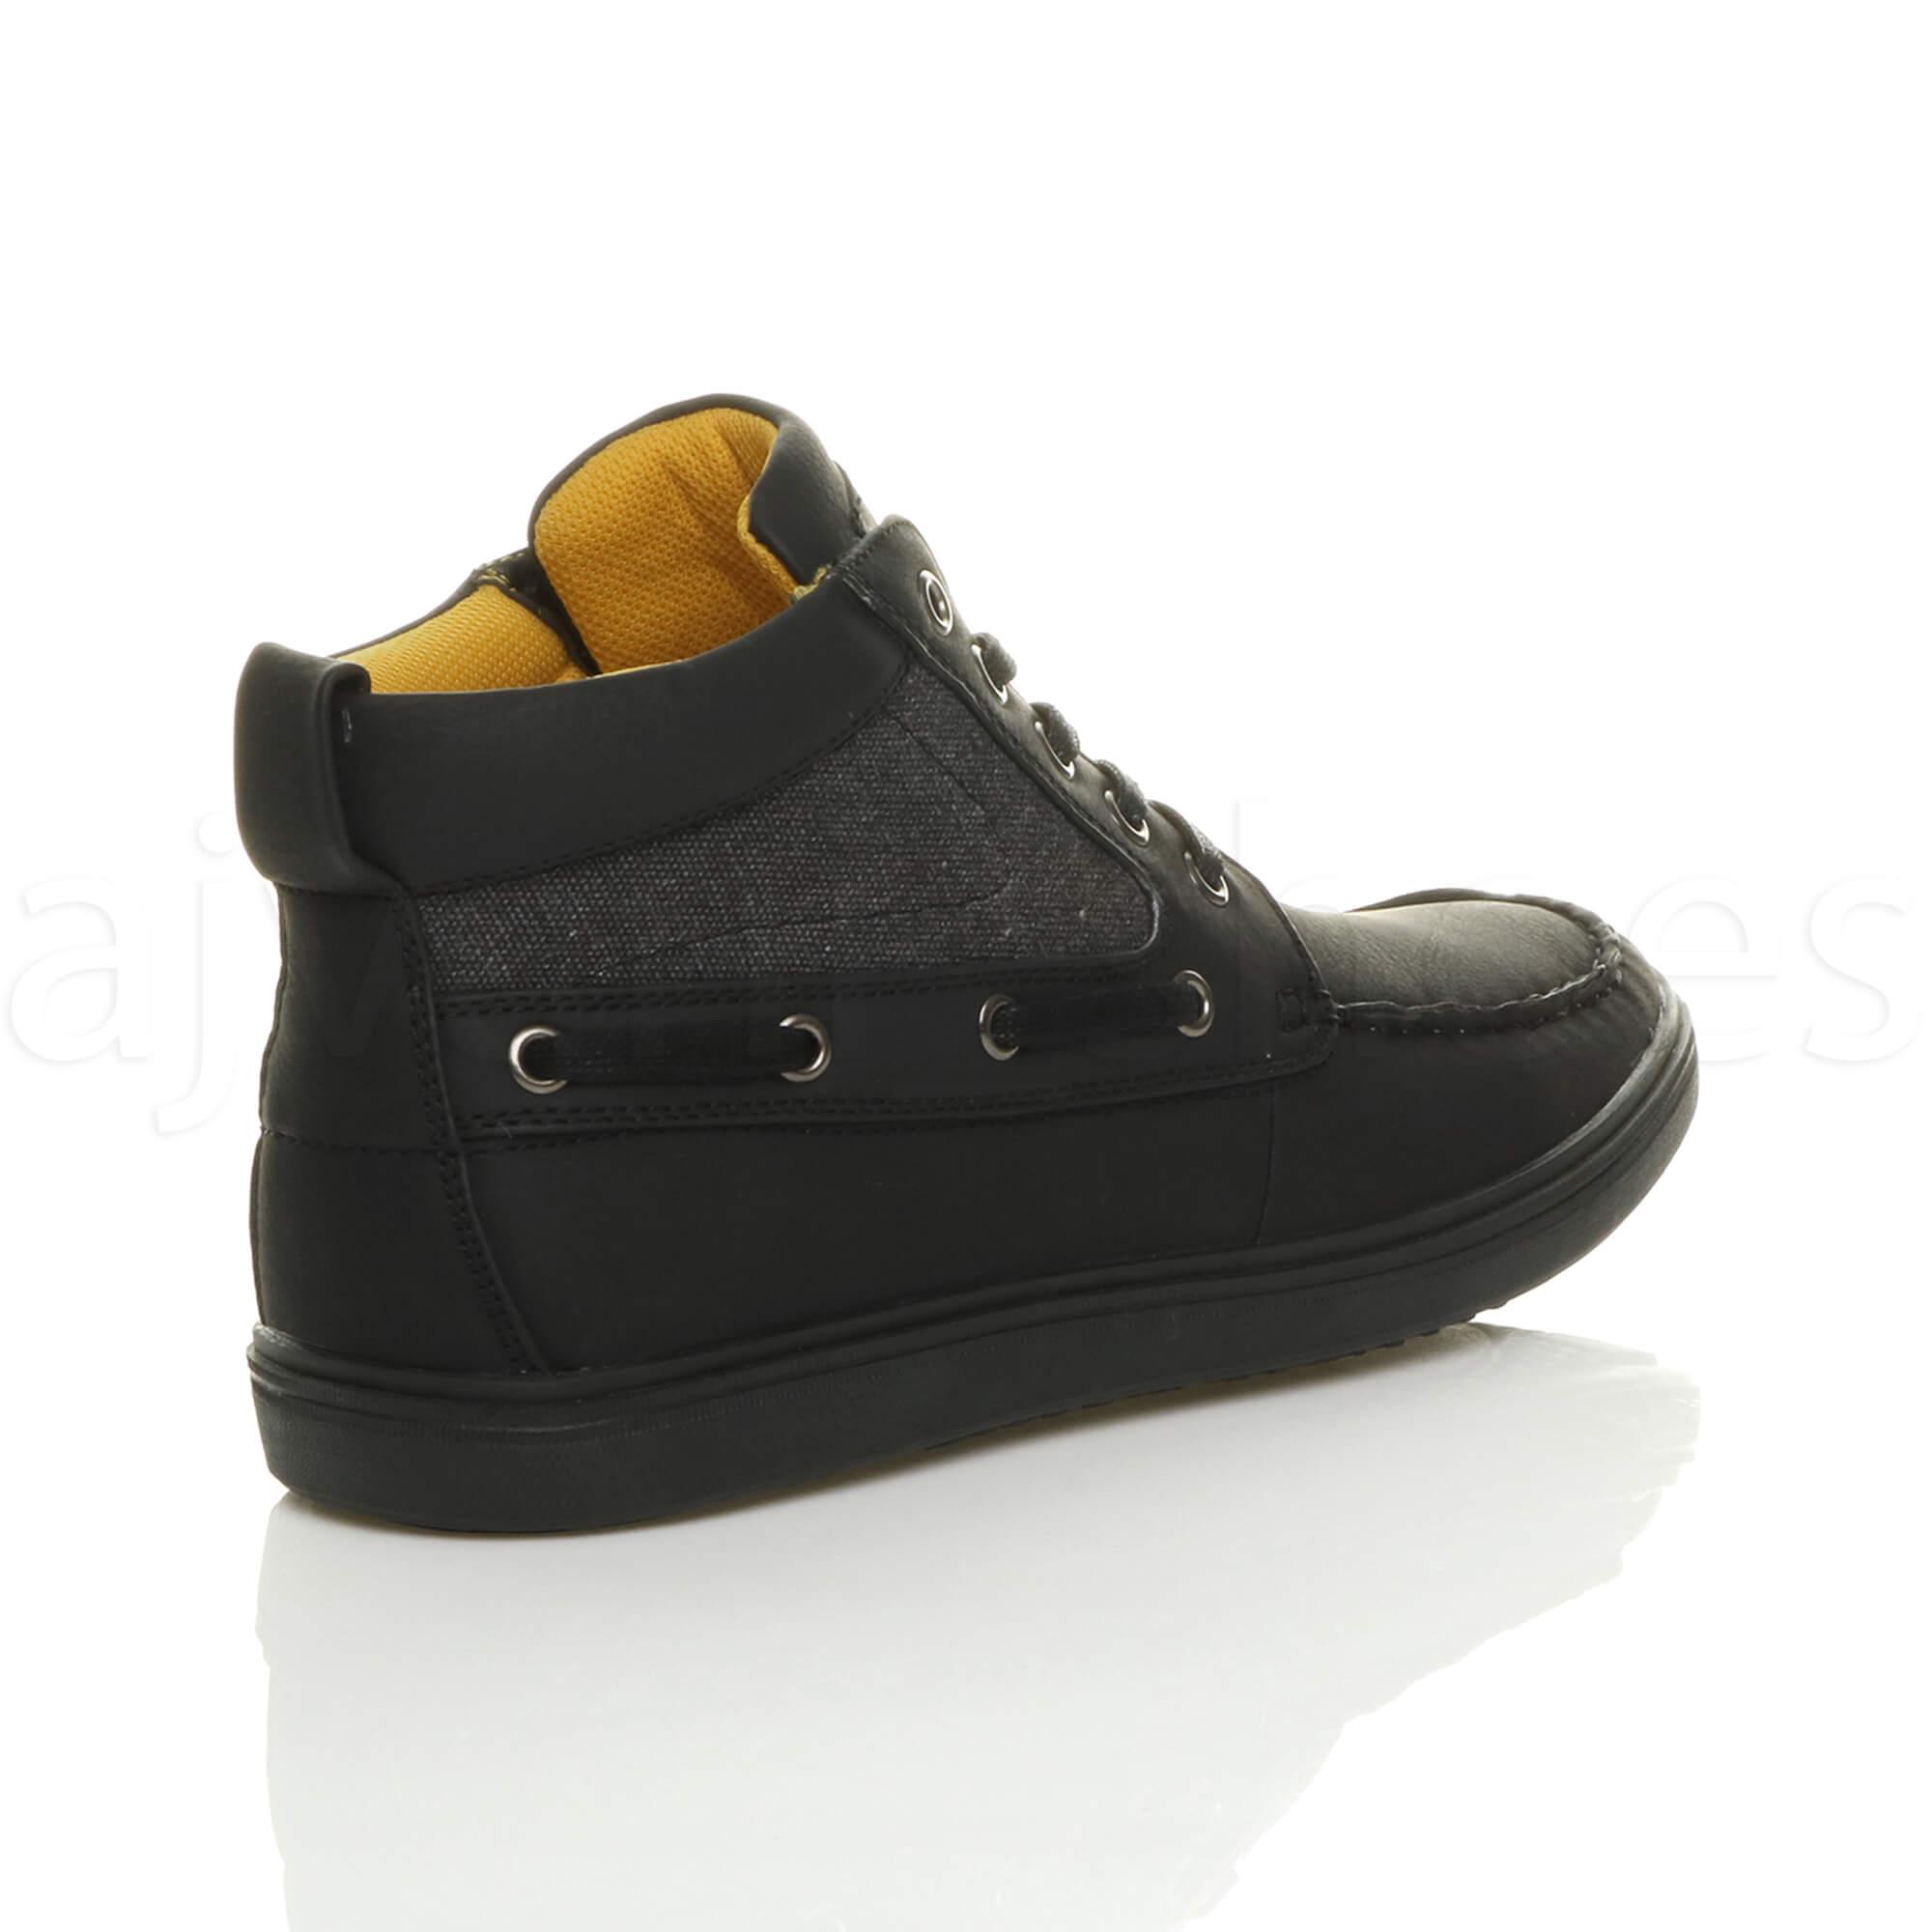 Hombre-plano-con-cordones-contraste-informal-barco-zapatillas-altas-botine-talla